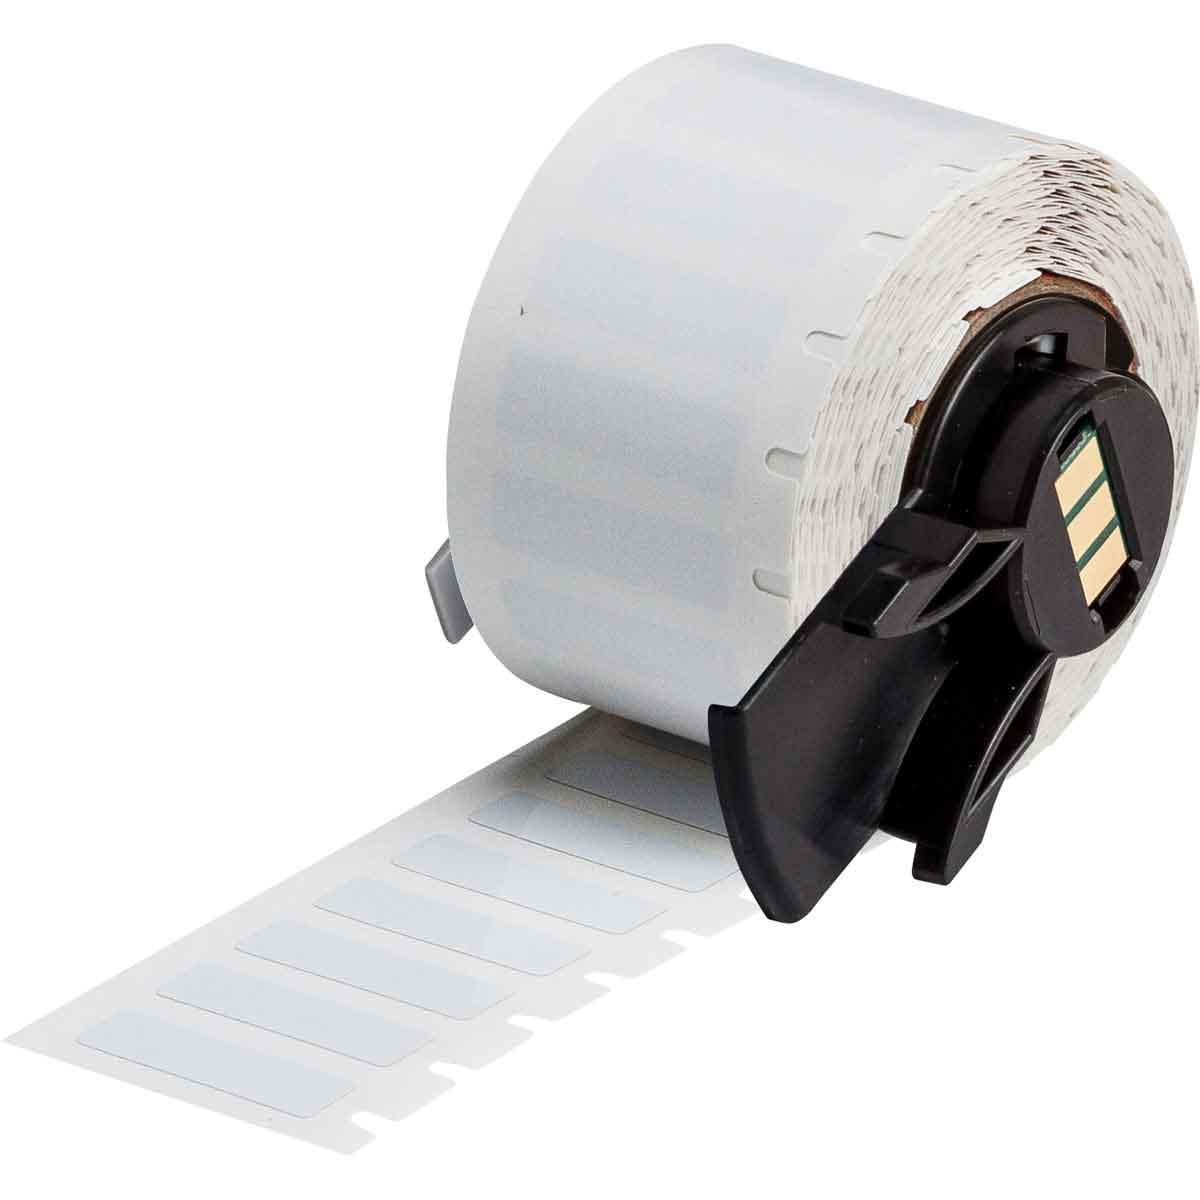 BRADY PTL-13-423 0.900 IN X 0.250IN (22.86 MM X 6.35 MM)